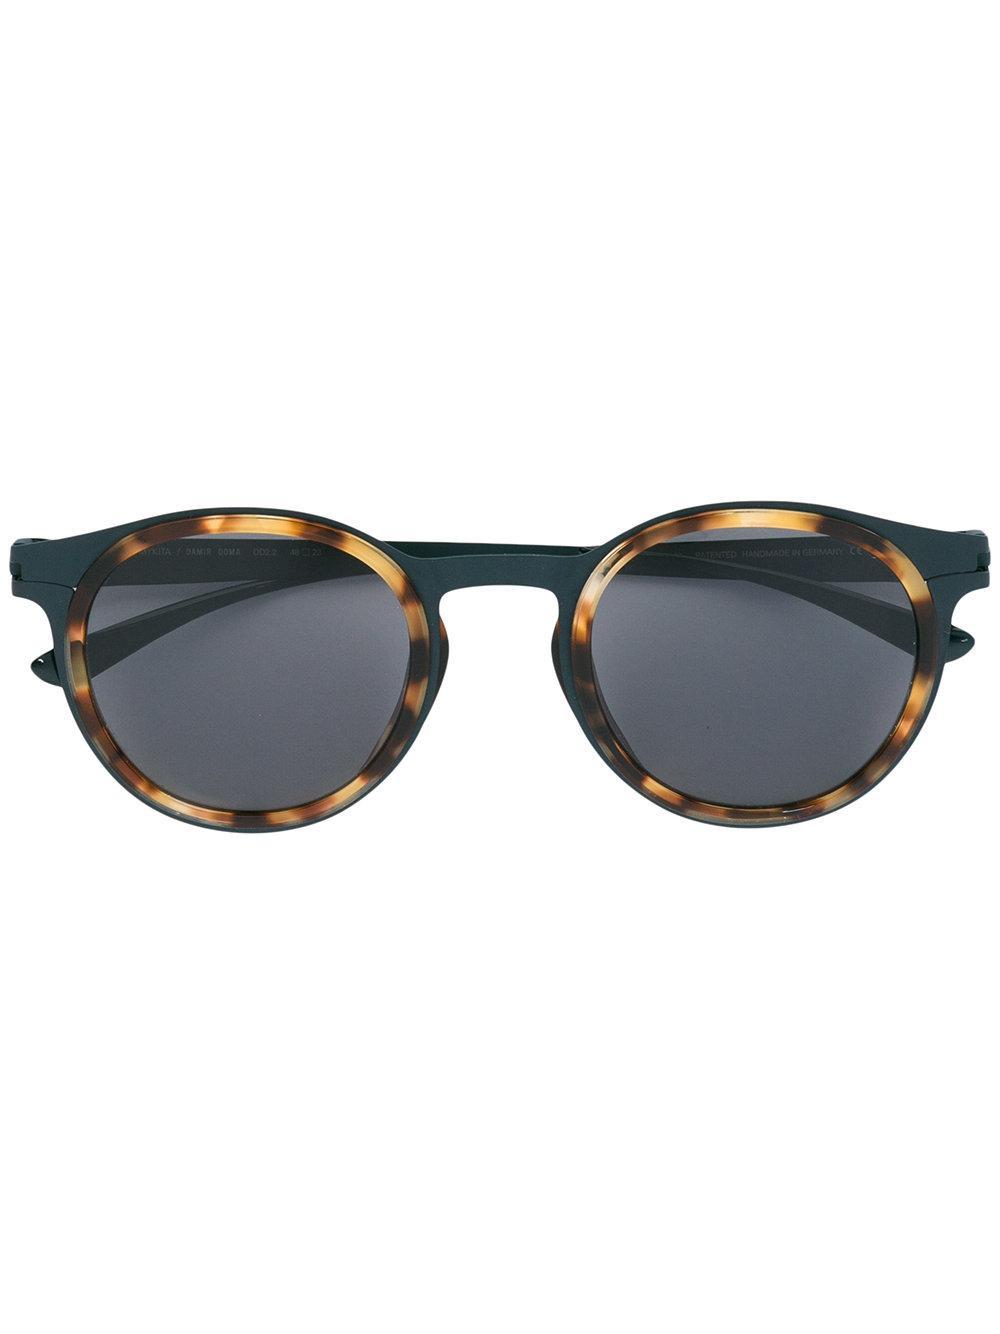 Glasses Gray Frame : Mykita Round Frame Sunglasses in Gray for Men Lyst